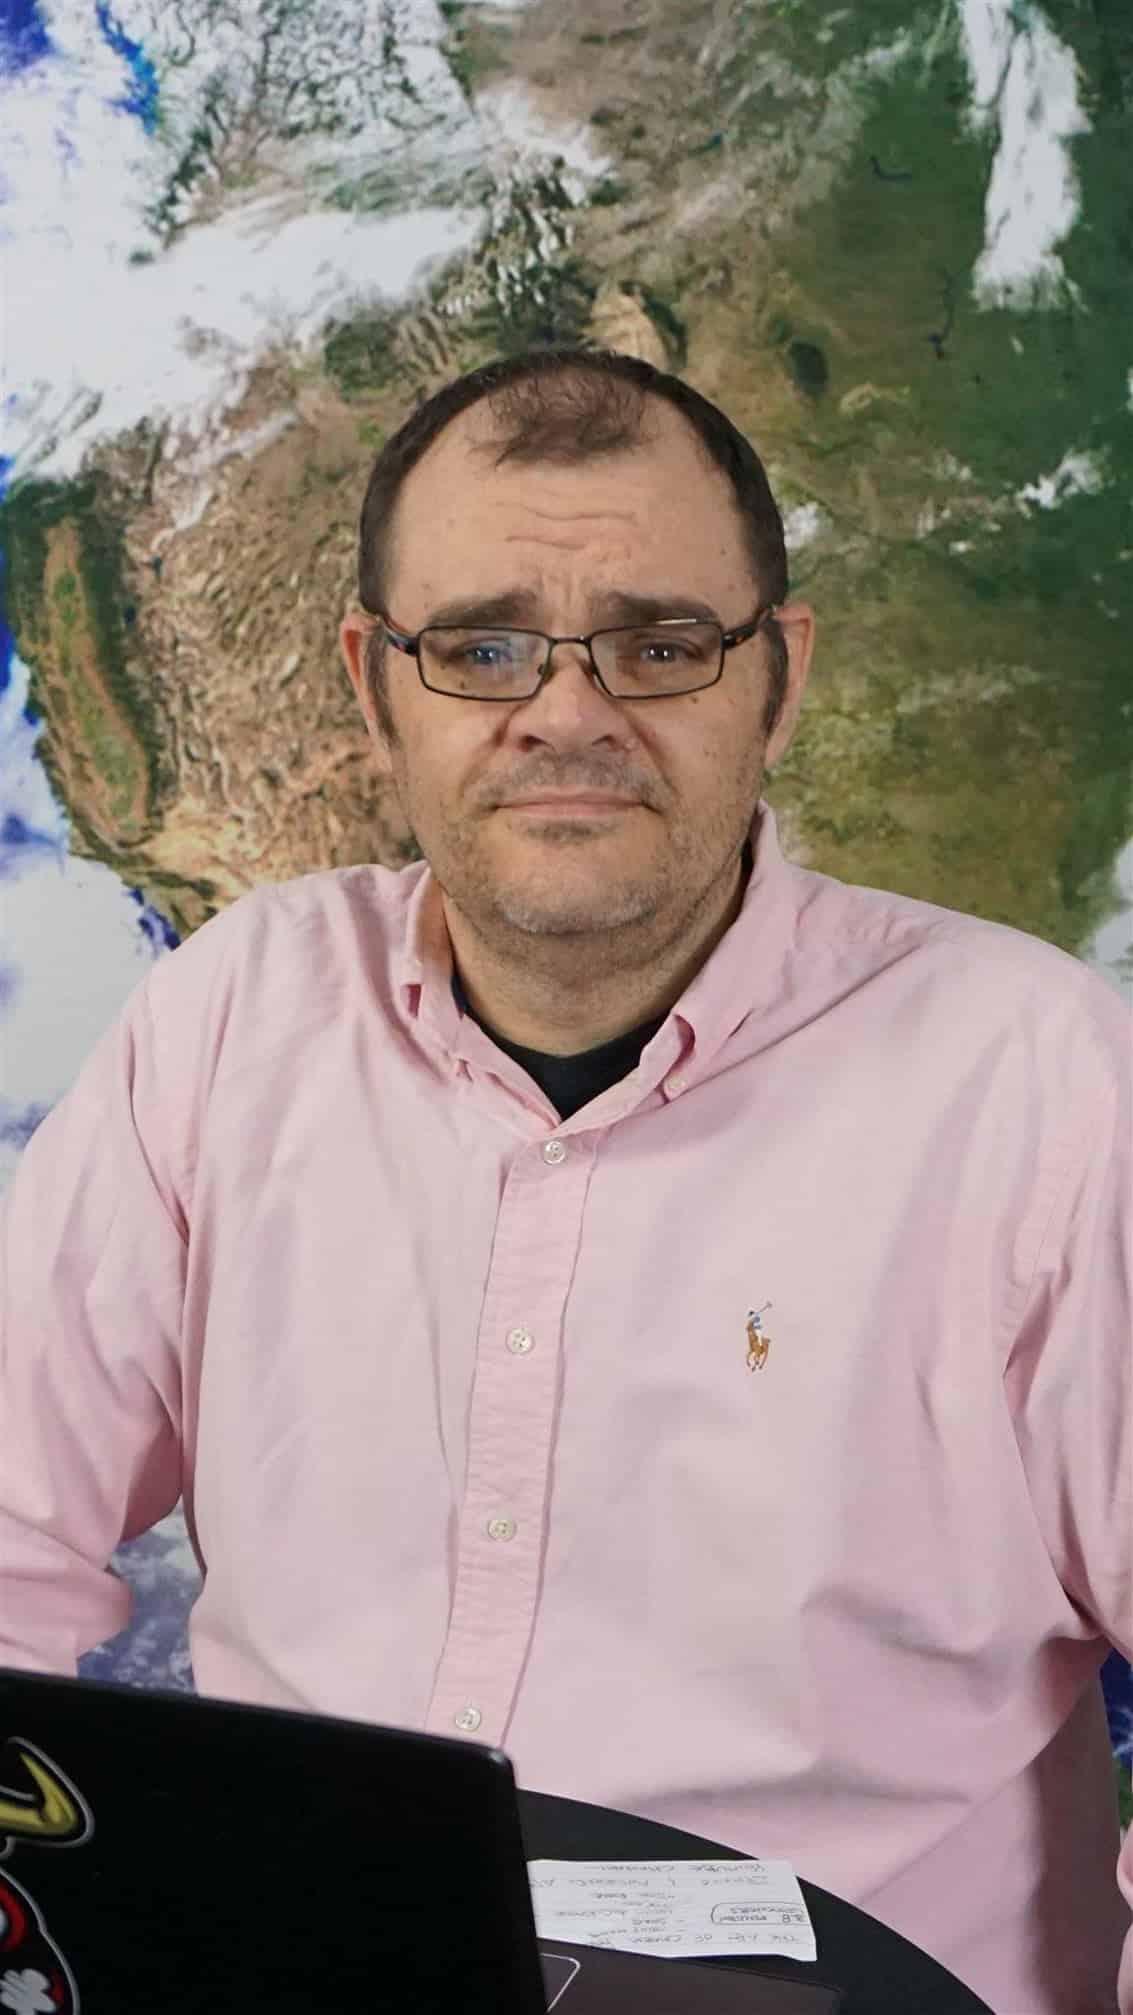 Matt LaClear